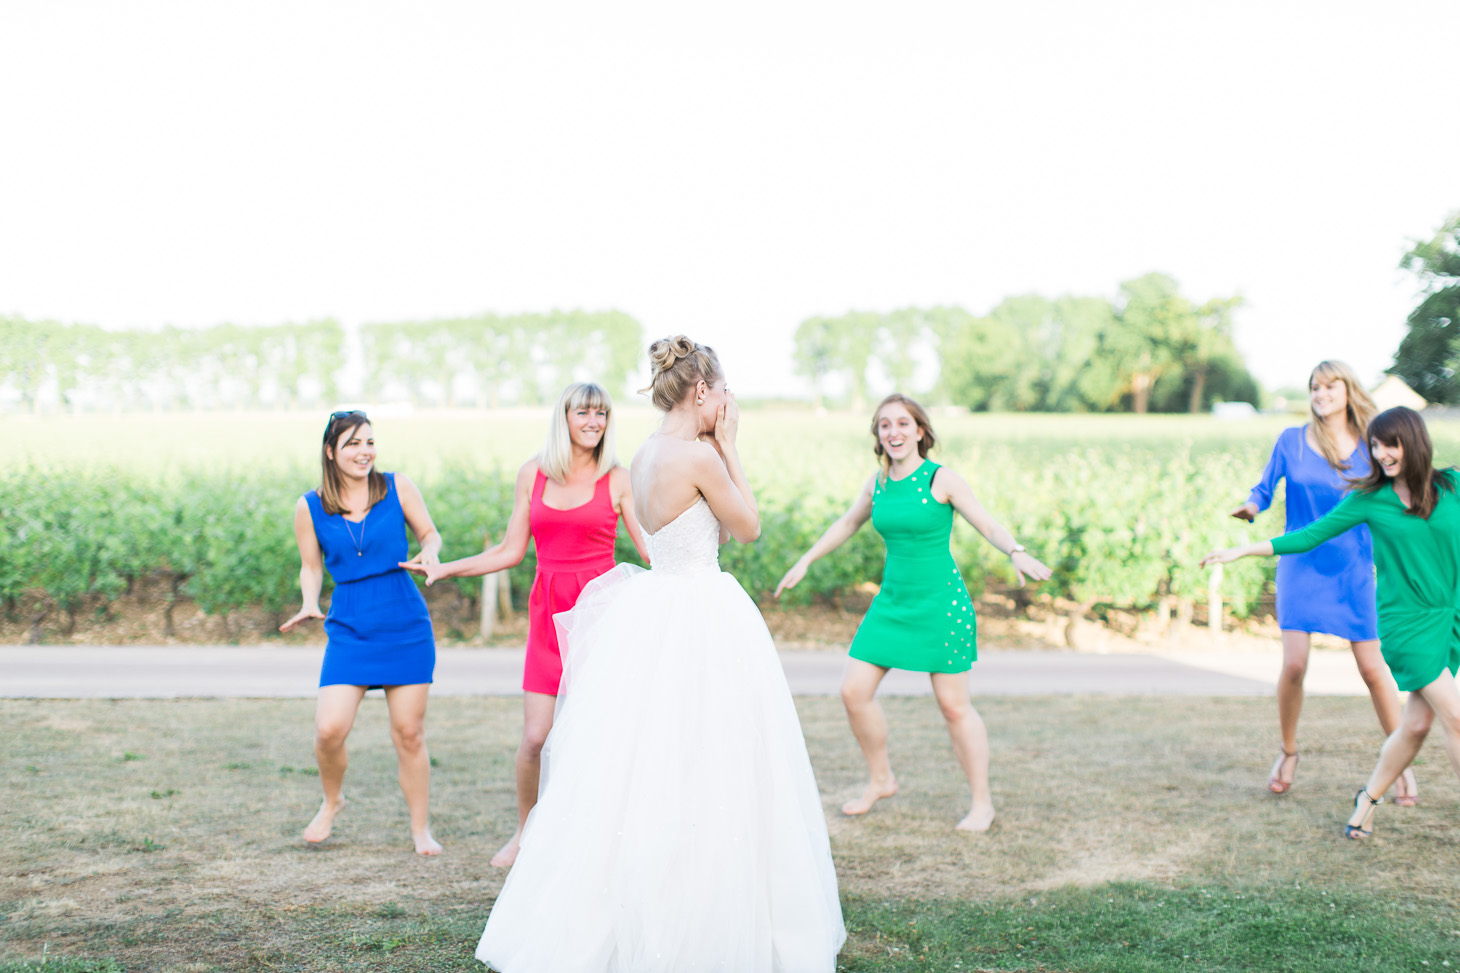 bourgogne_wedding_photographer_chateau_pommard-091